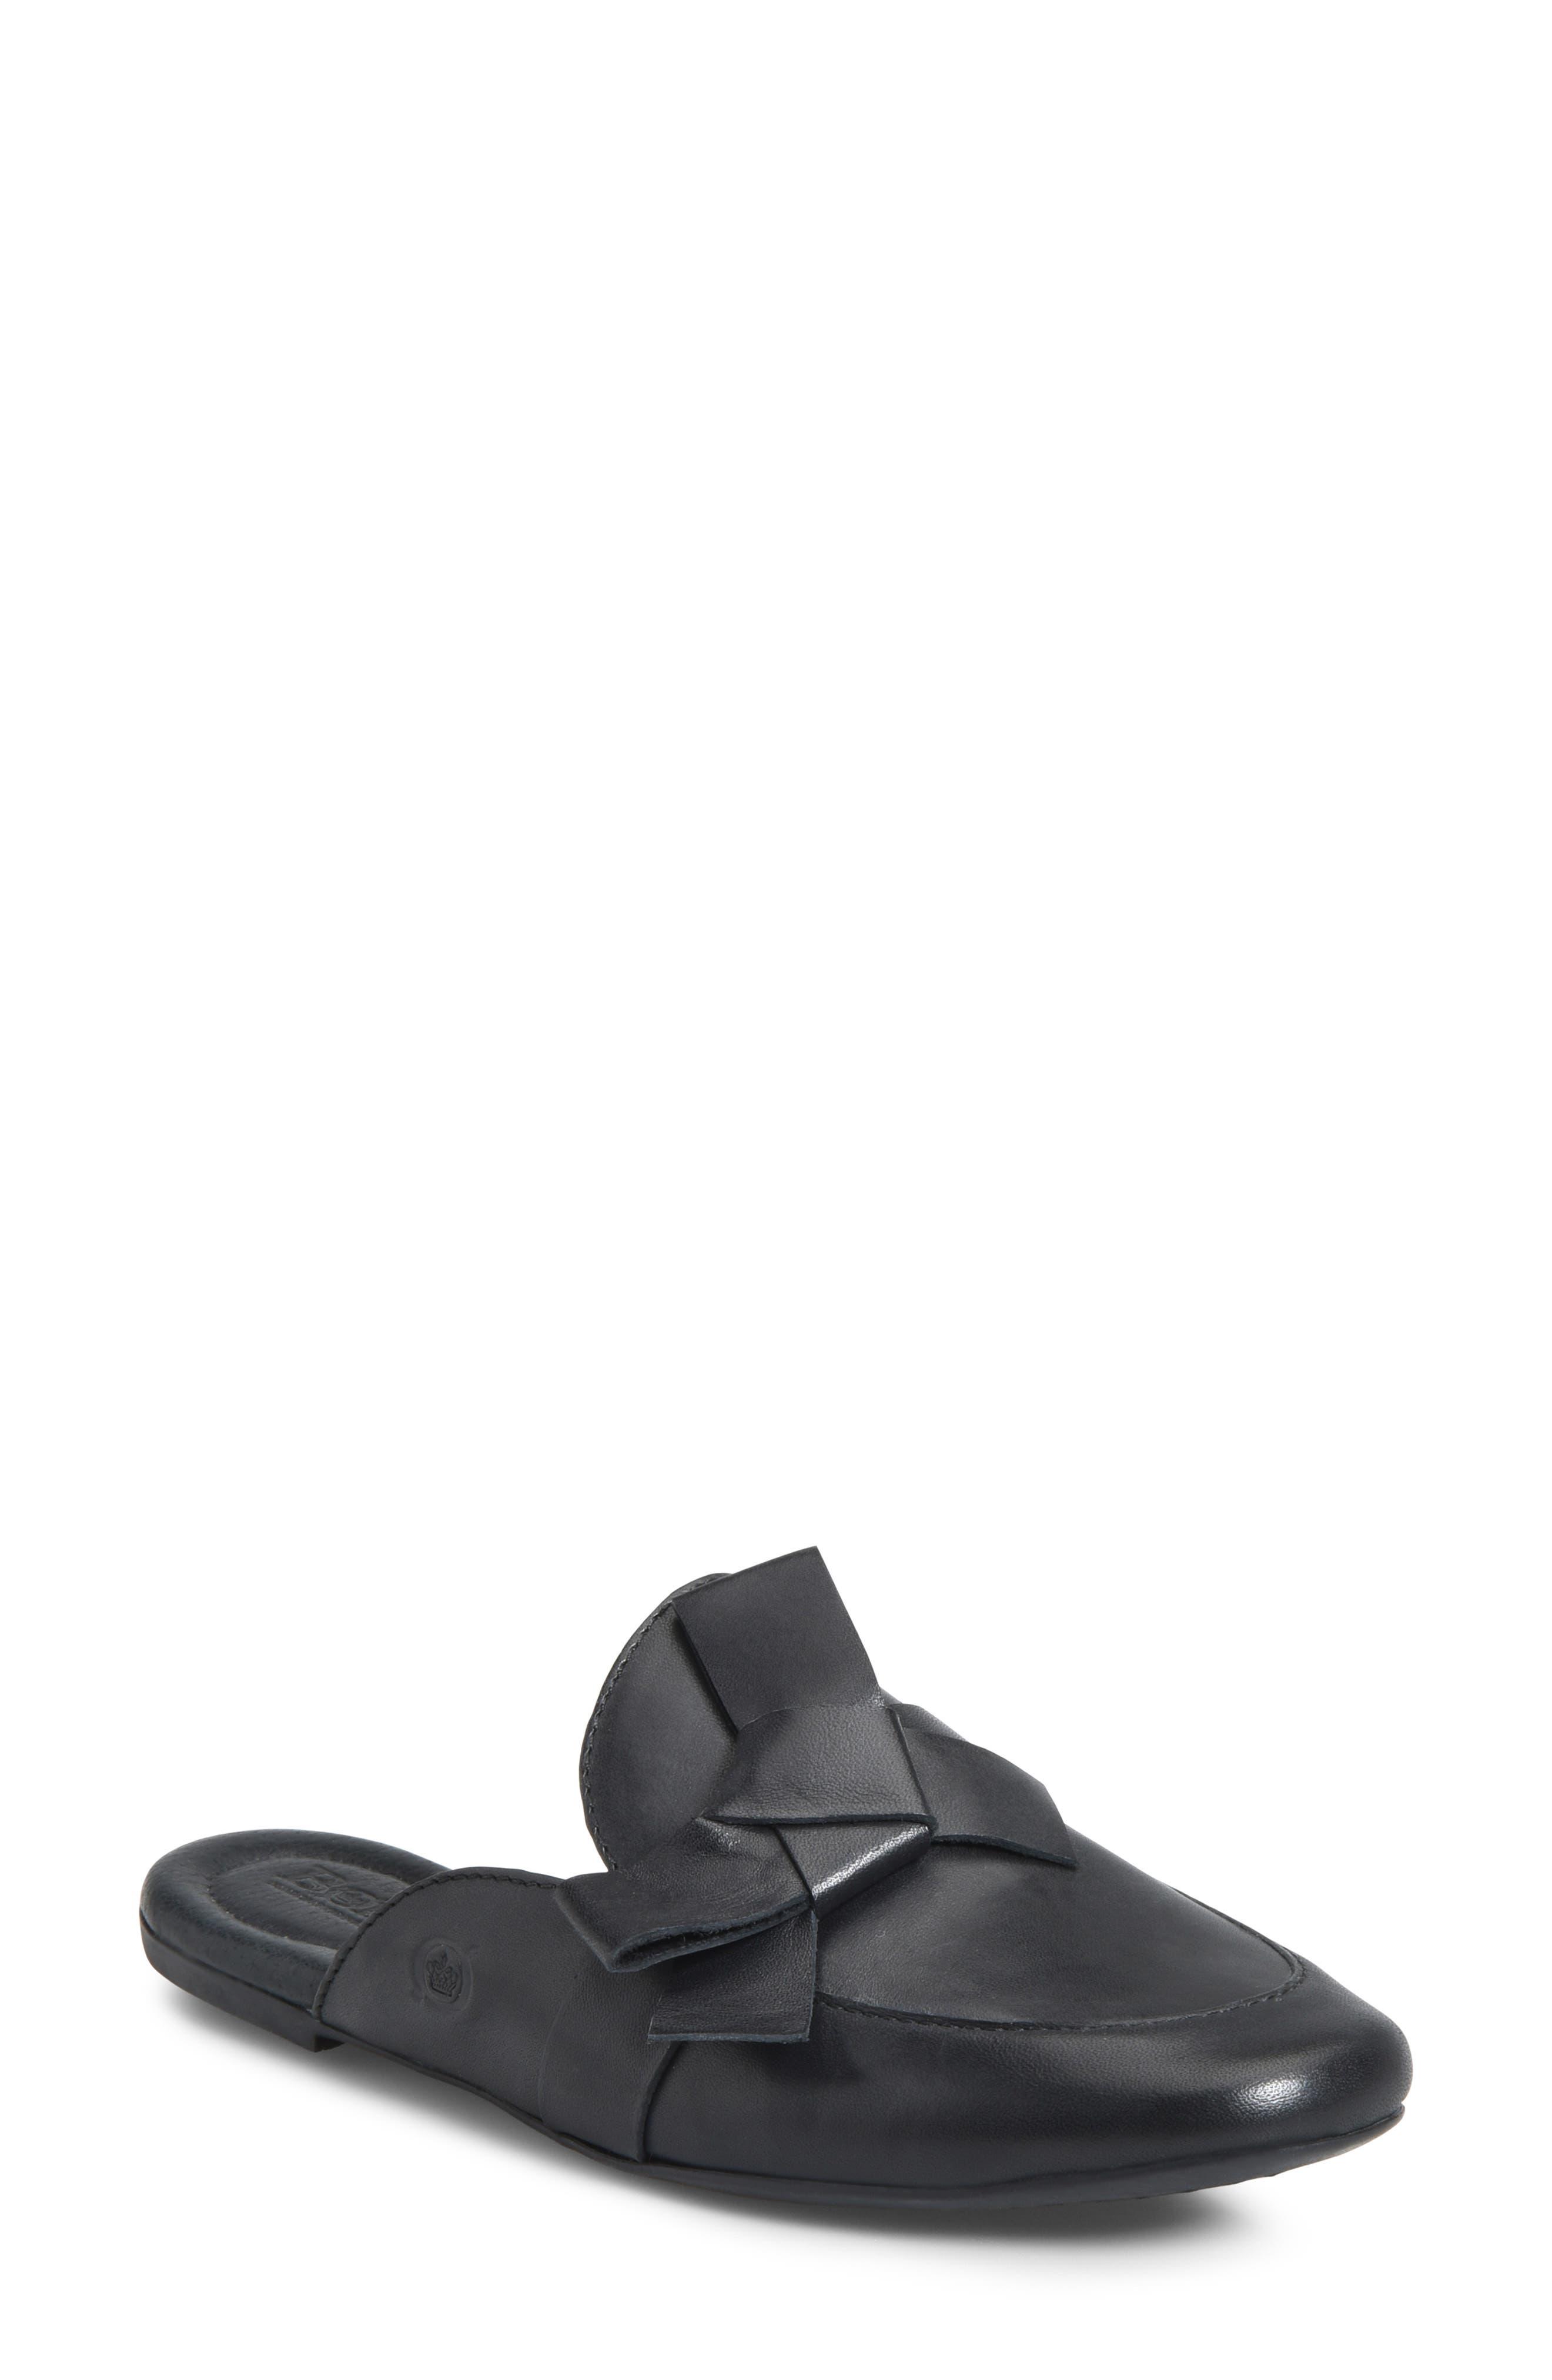 cd3e085f254 Born Women s Shoes